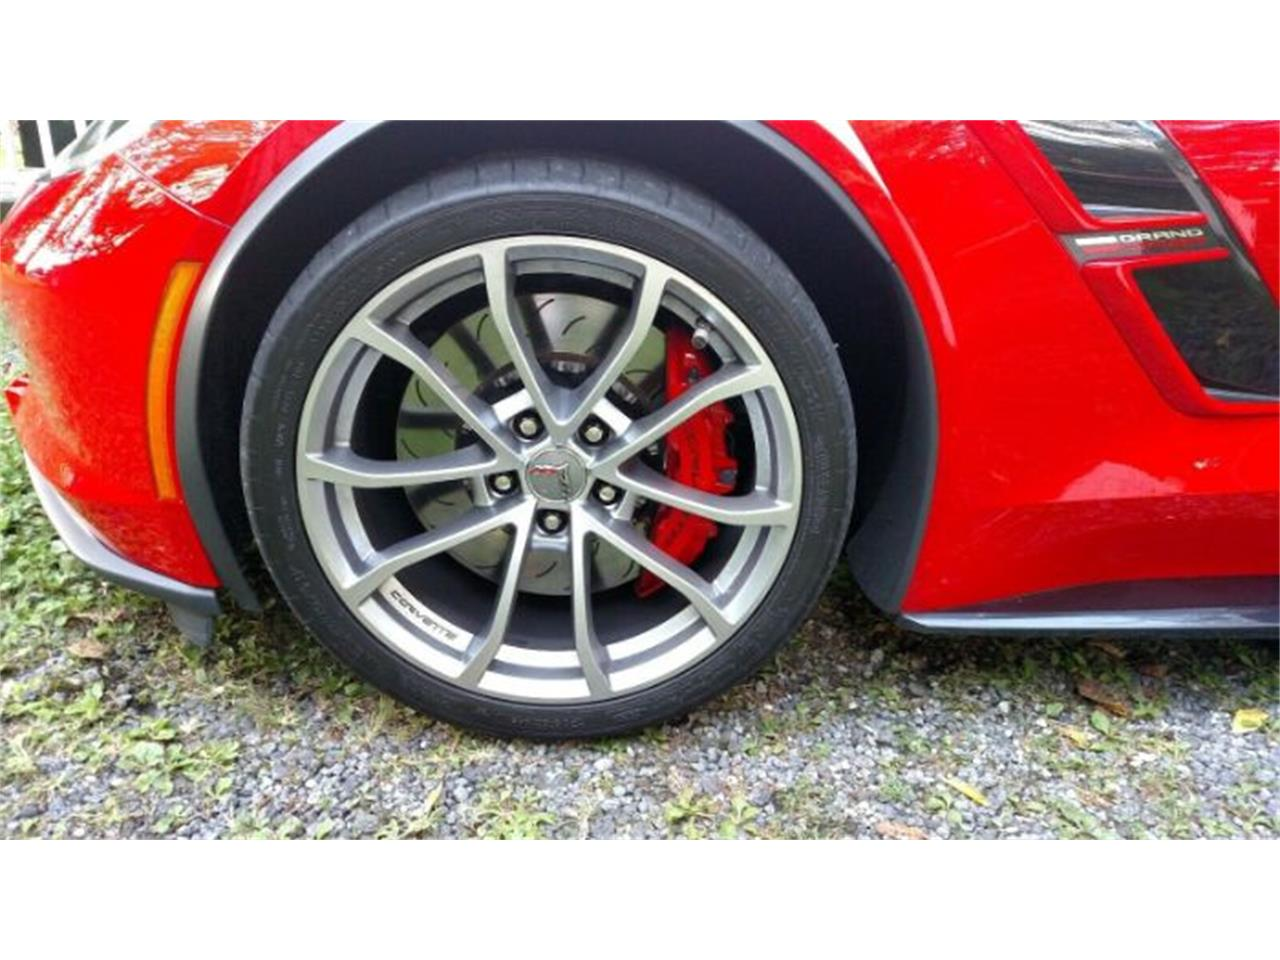 2017 Chevrolet Corvette (CC-1298365) for sale in Cadillac, Michigan